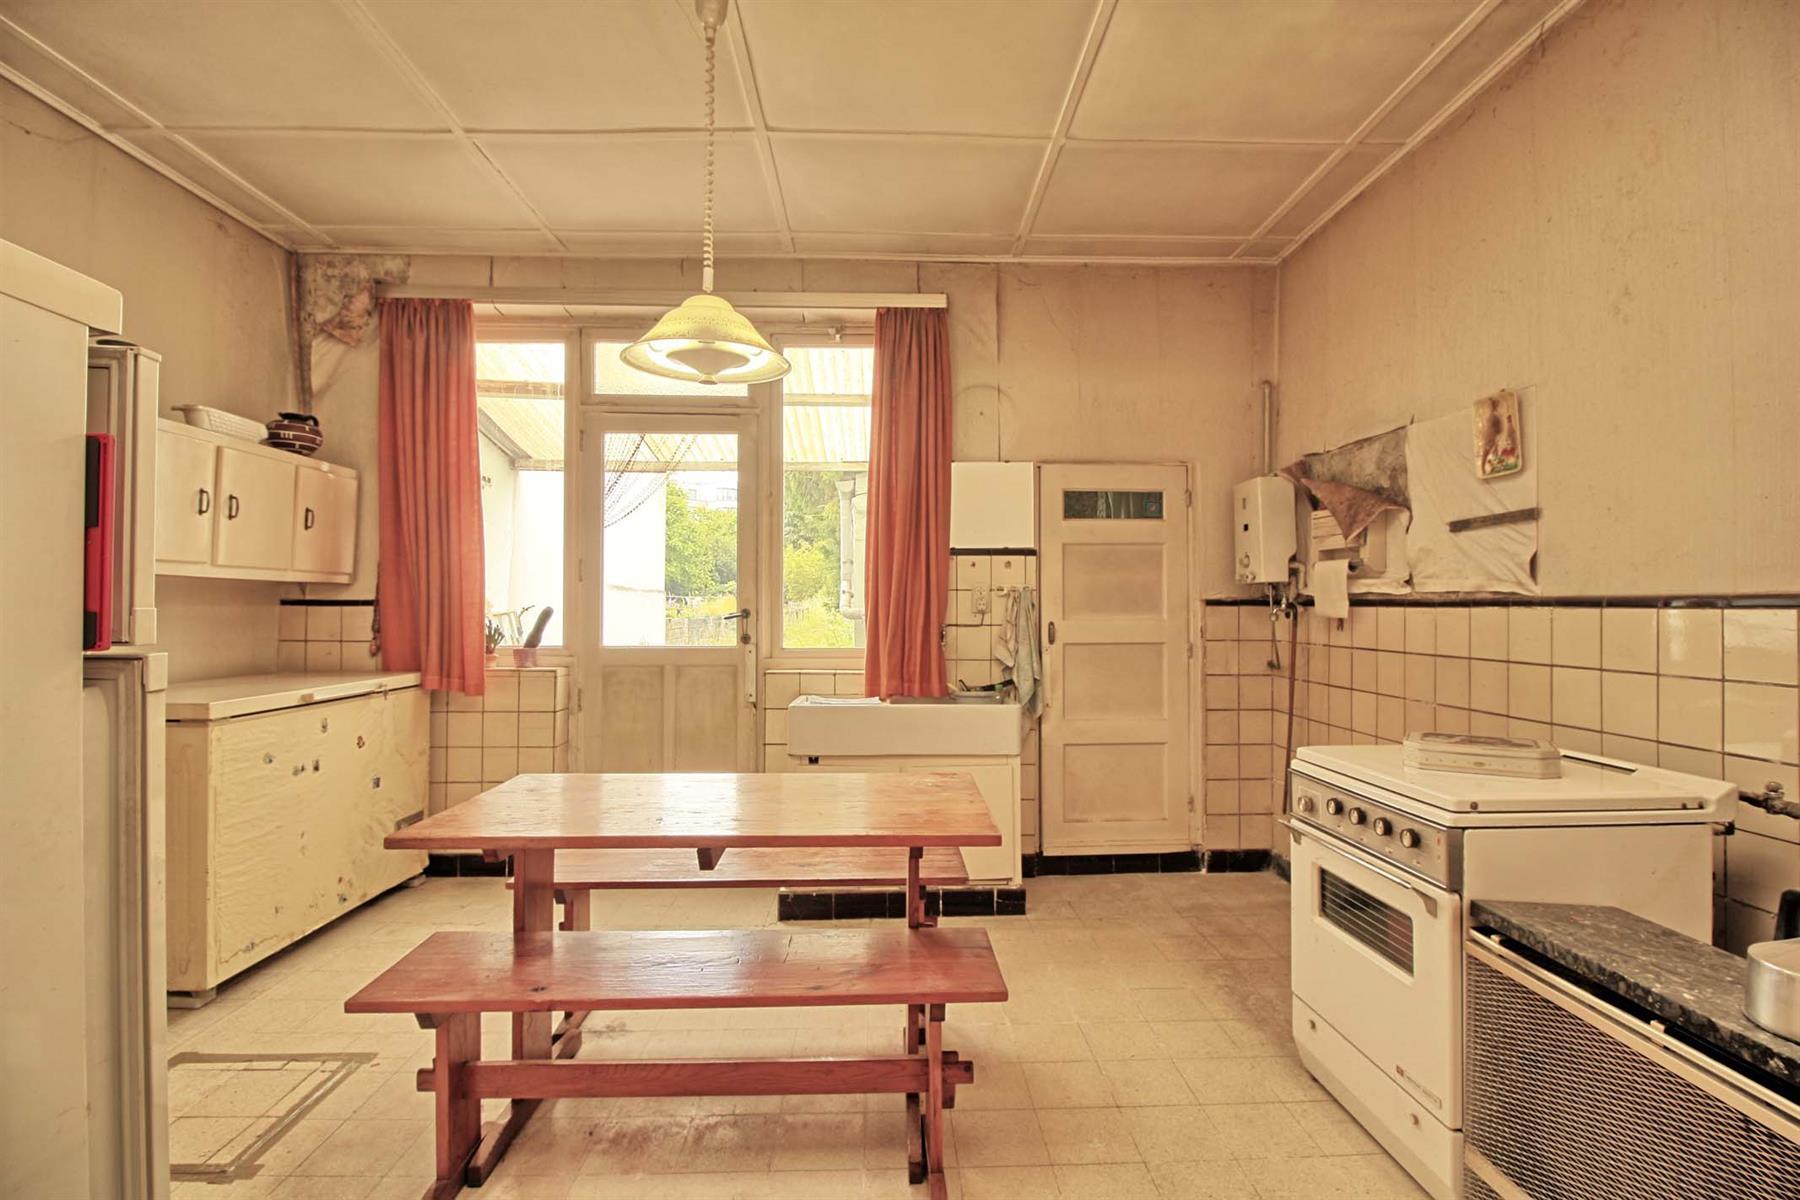 Maison unifamiliale - Woluwe-Saint-Lambert - #4106876-1